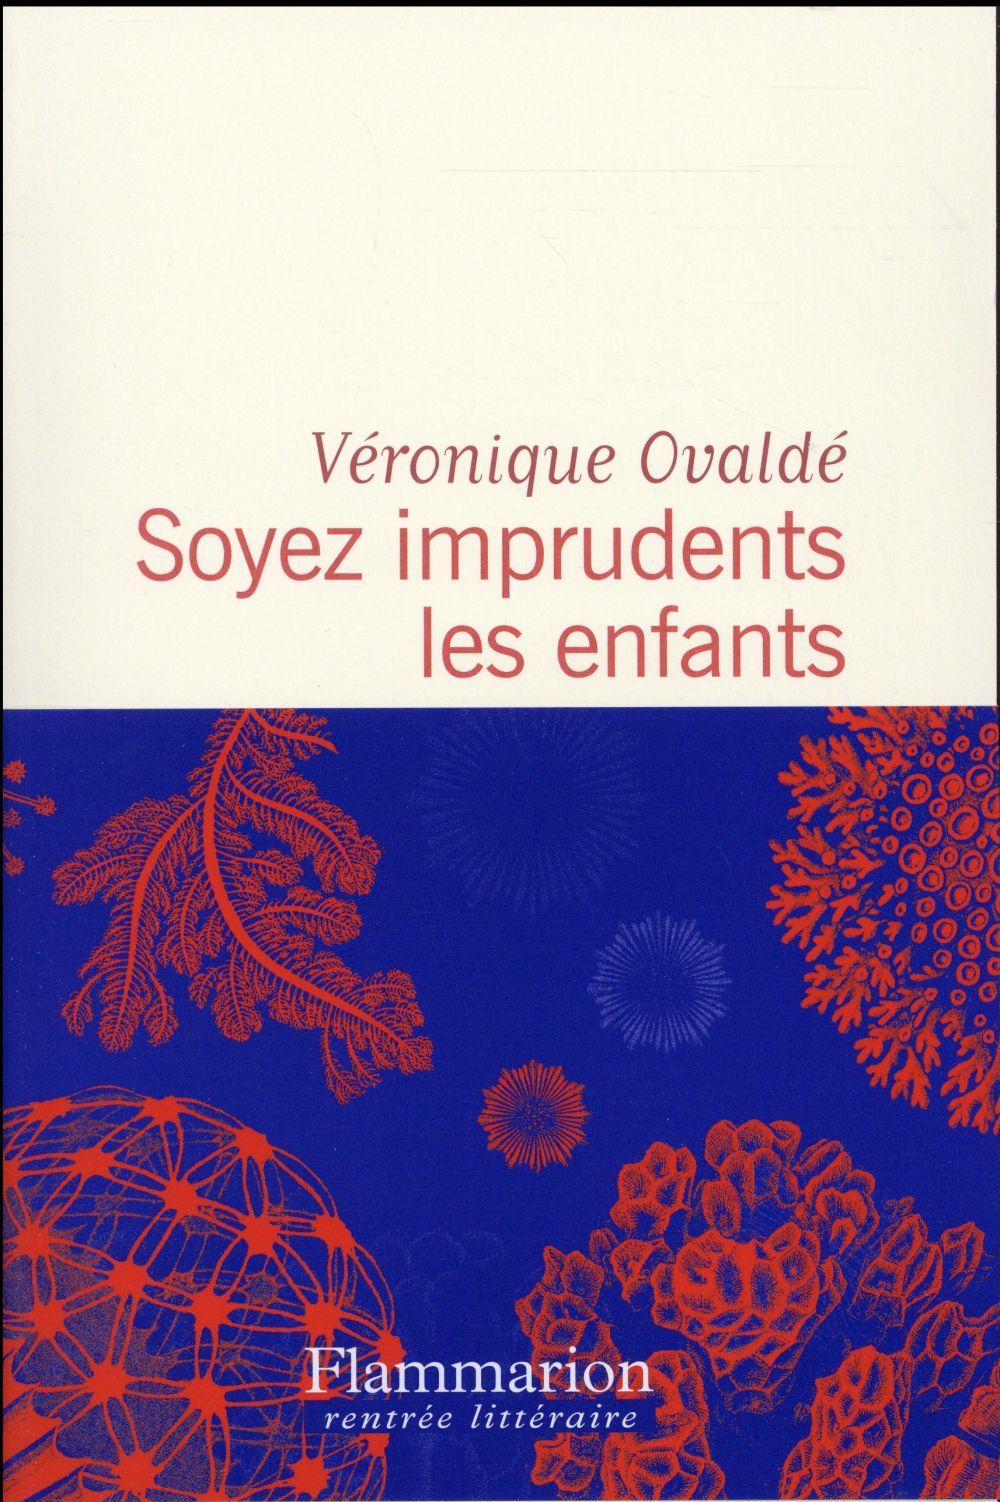 SOYEZ IMPRUDENTS LES ENFANTS